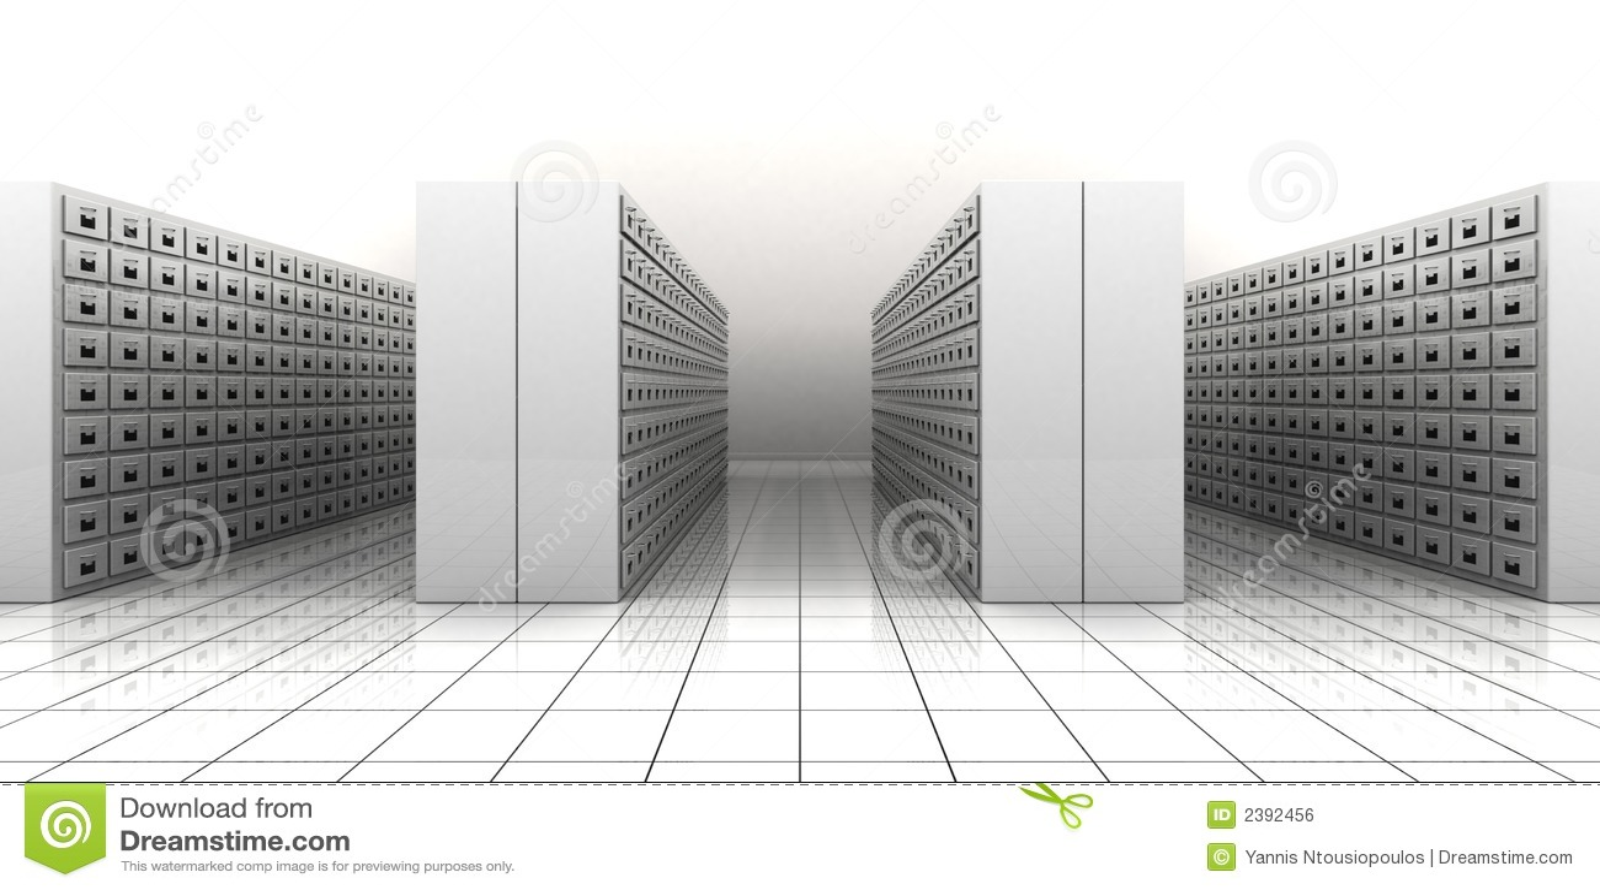 δωμάτιο αρχείων